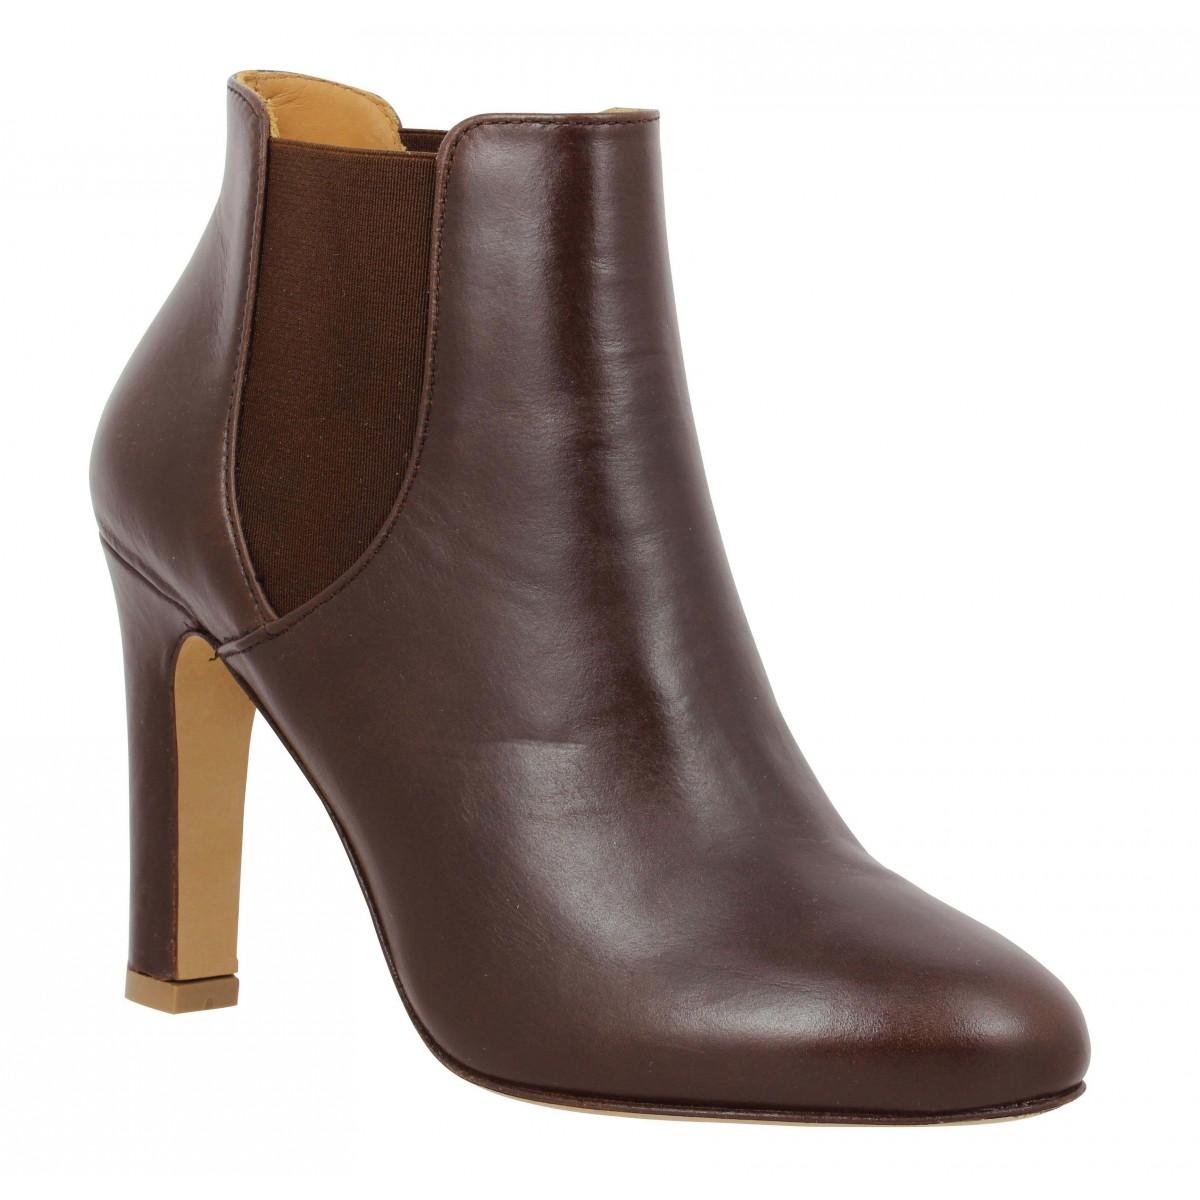 L Marron Chaussures Bobbies Cuir Amante Fanny Femme d67xn0ROqw